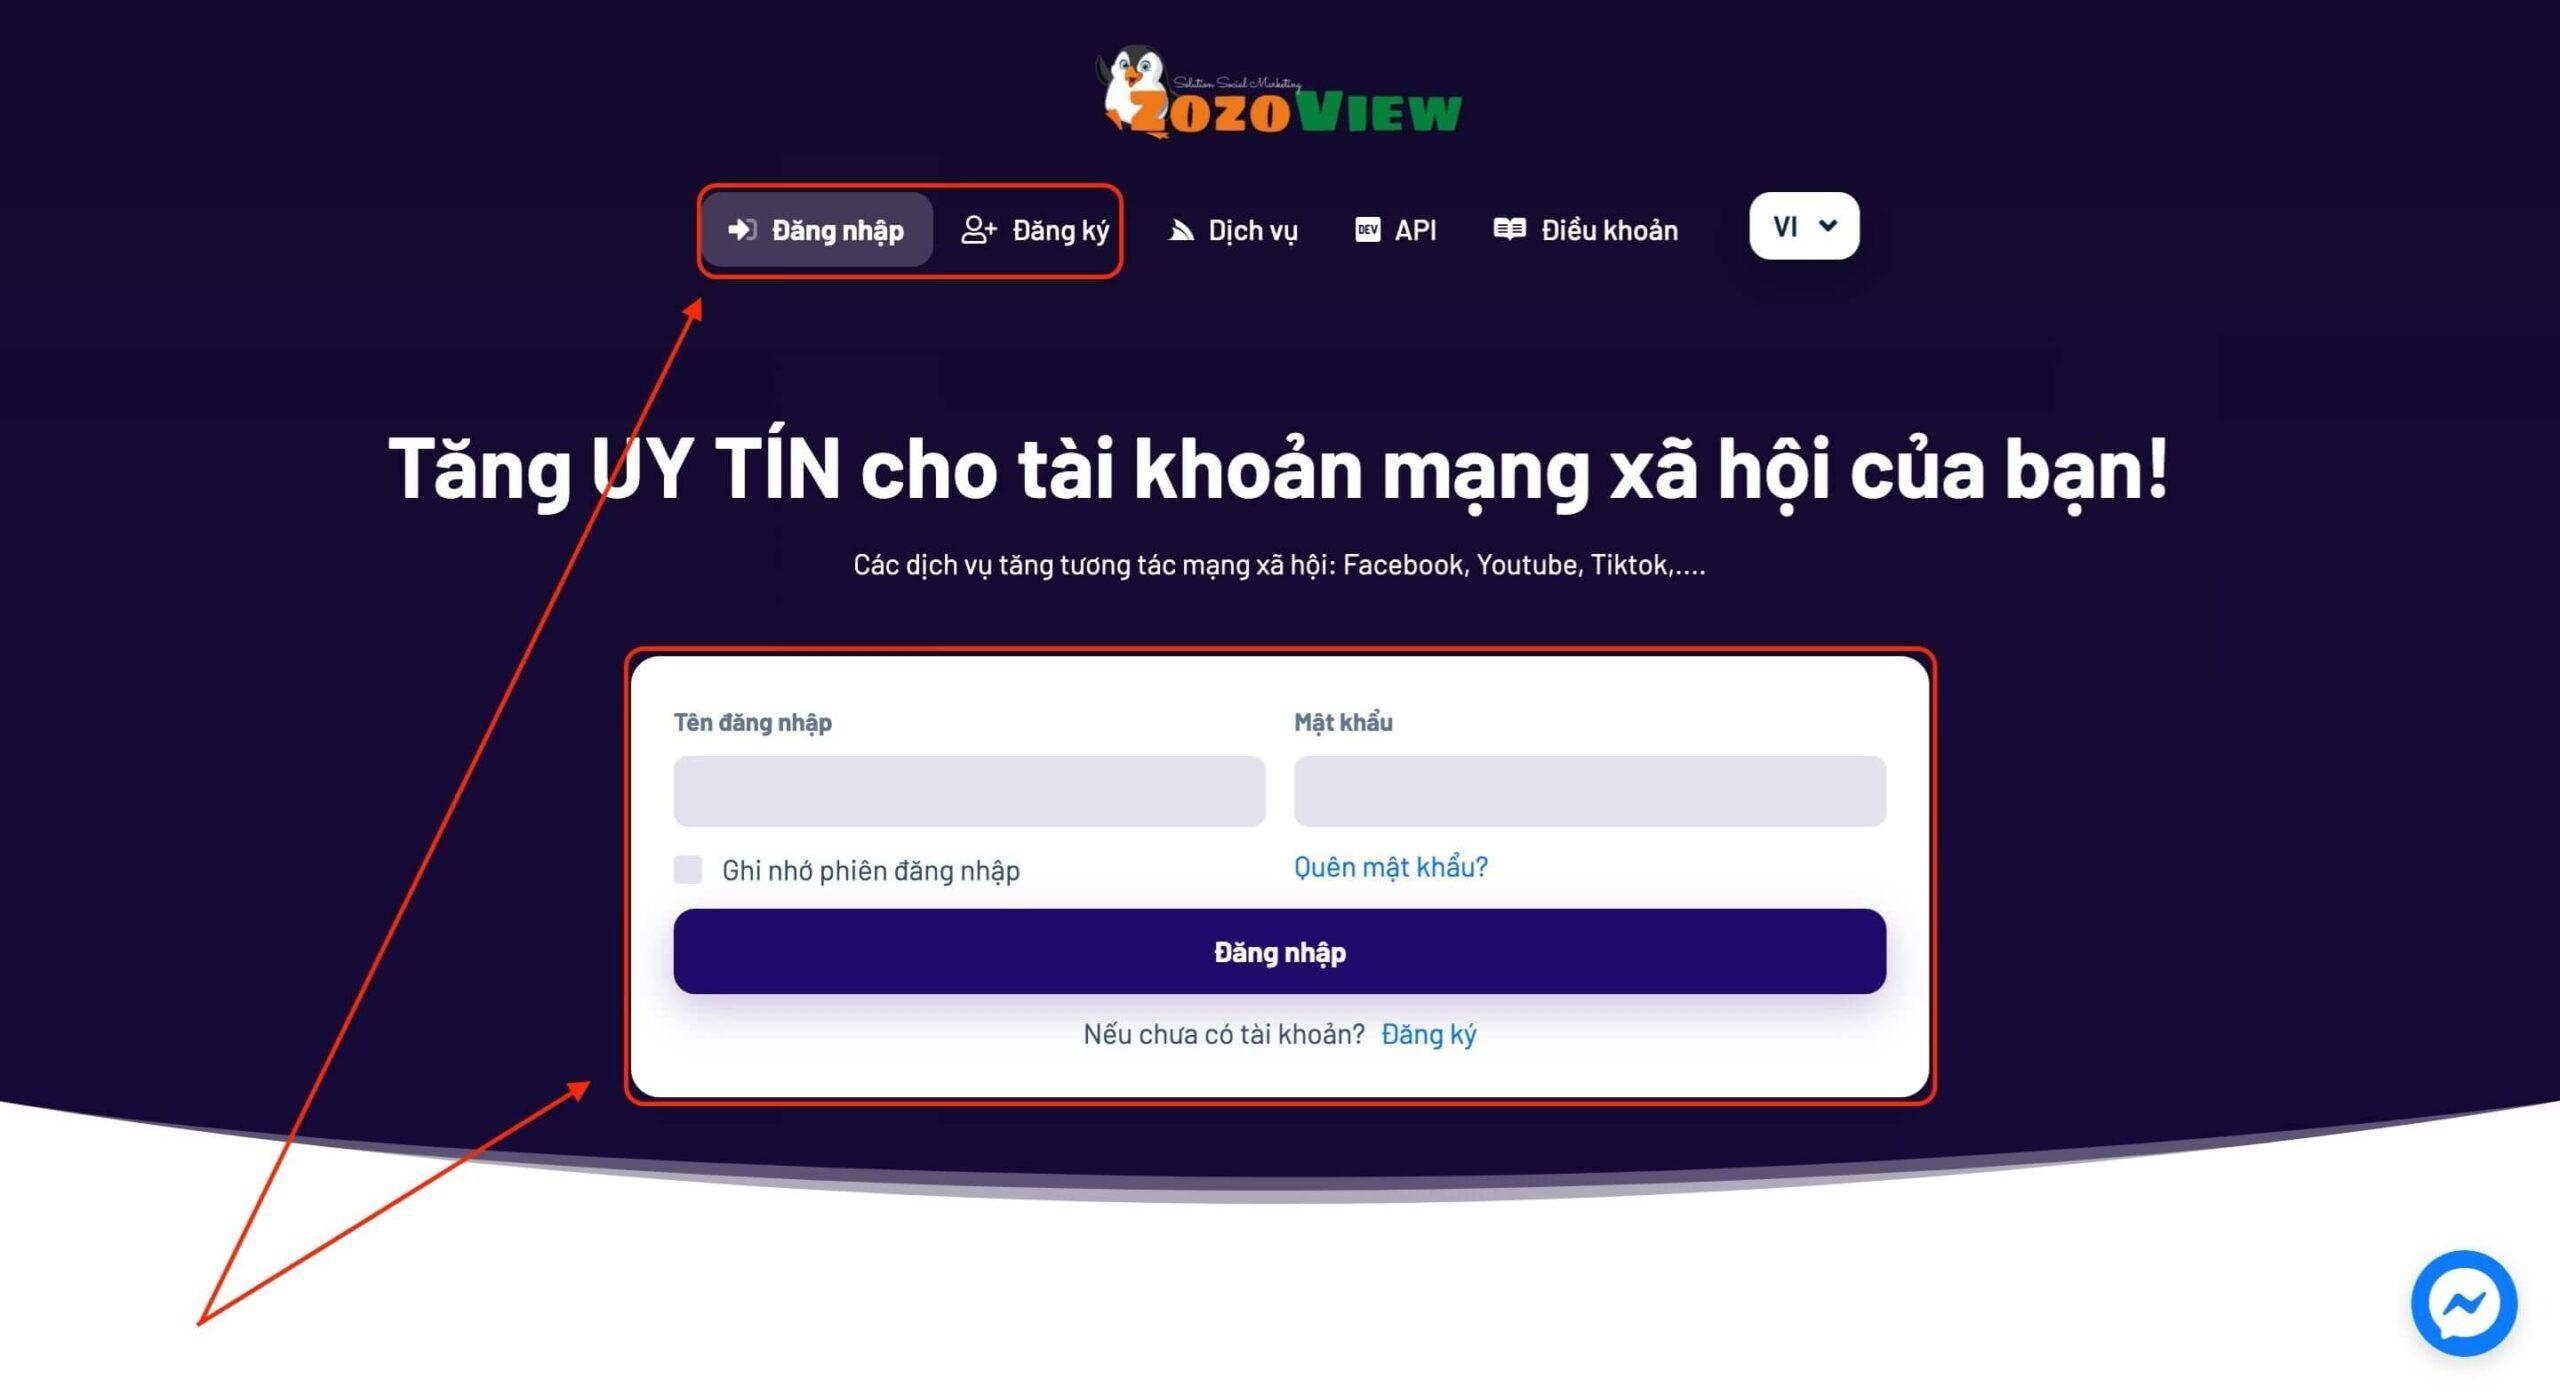 Đăng ký/đăng nhập vào Zozoview